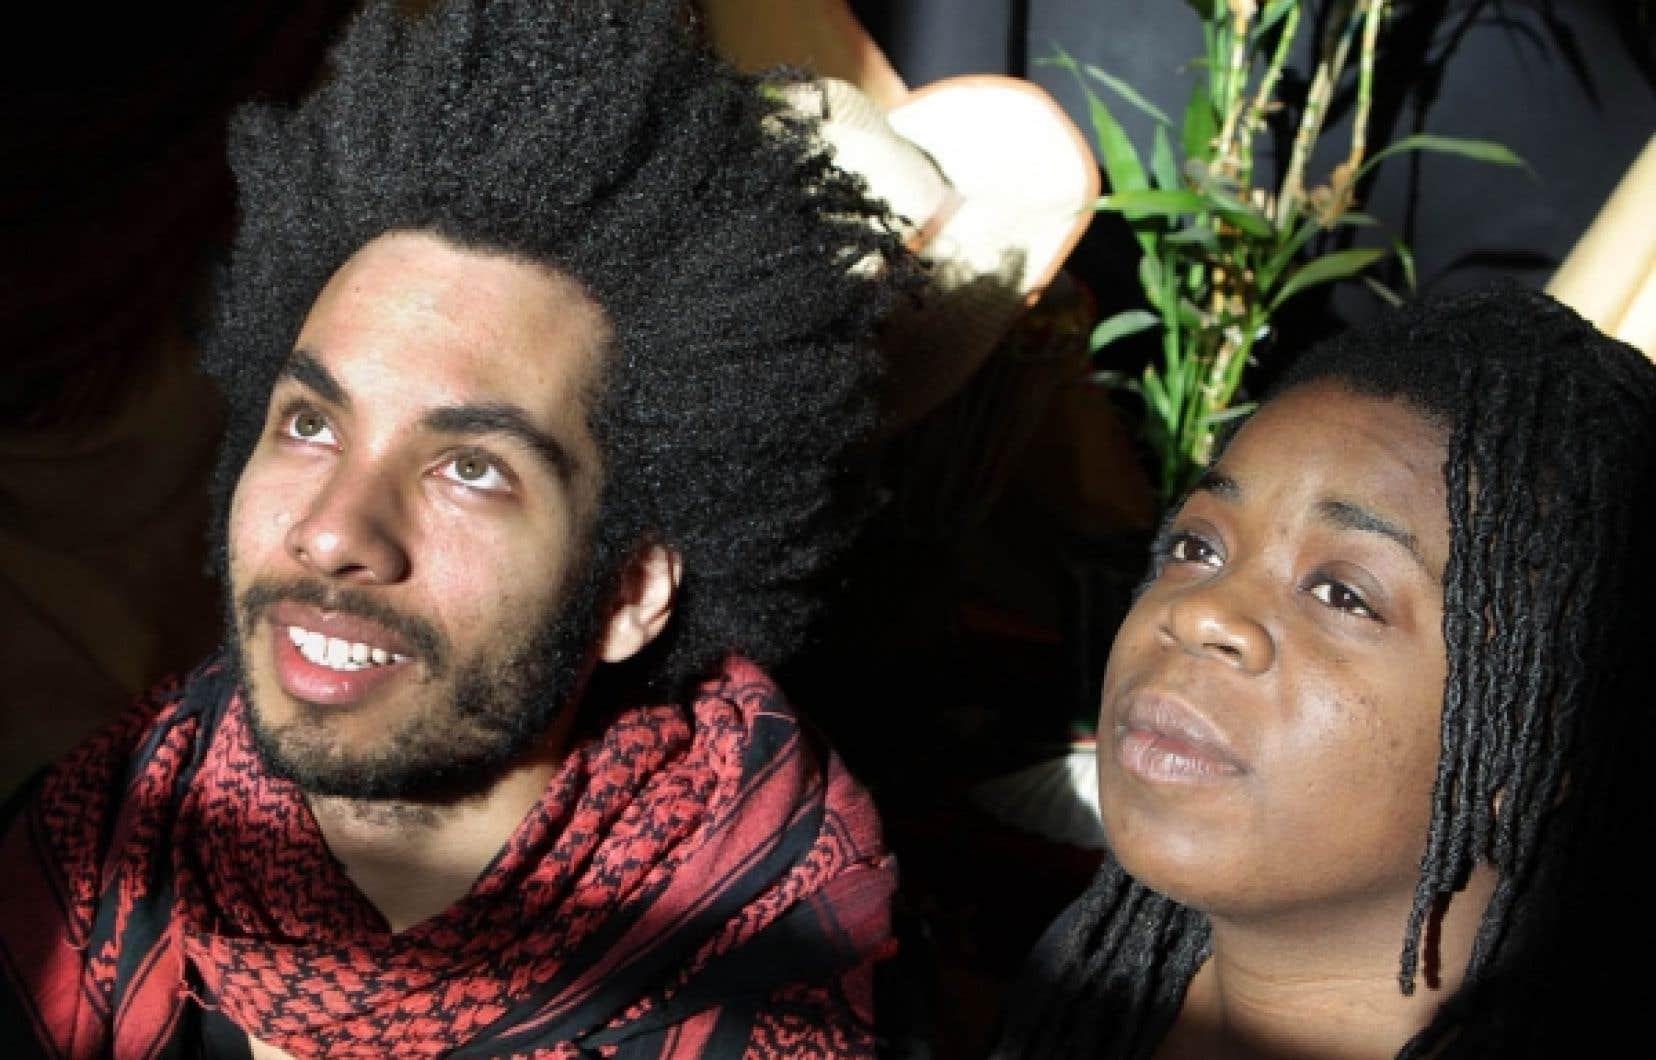 Xav Ier et BerekYah, deux artistes montréalais du monde de la poésie et de la chanson, ont décidé de lancer le mouvement «frovrier», qui invite les Noirs du monde entier à porter leurs cheveux naturels durant tout le mois de février, qui est aussi le Mois de l'histoire des Noirs.<br />